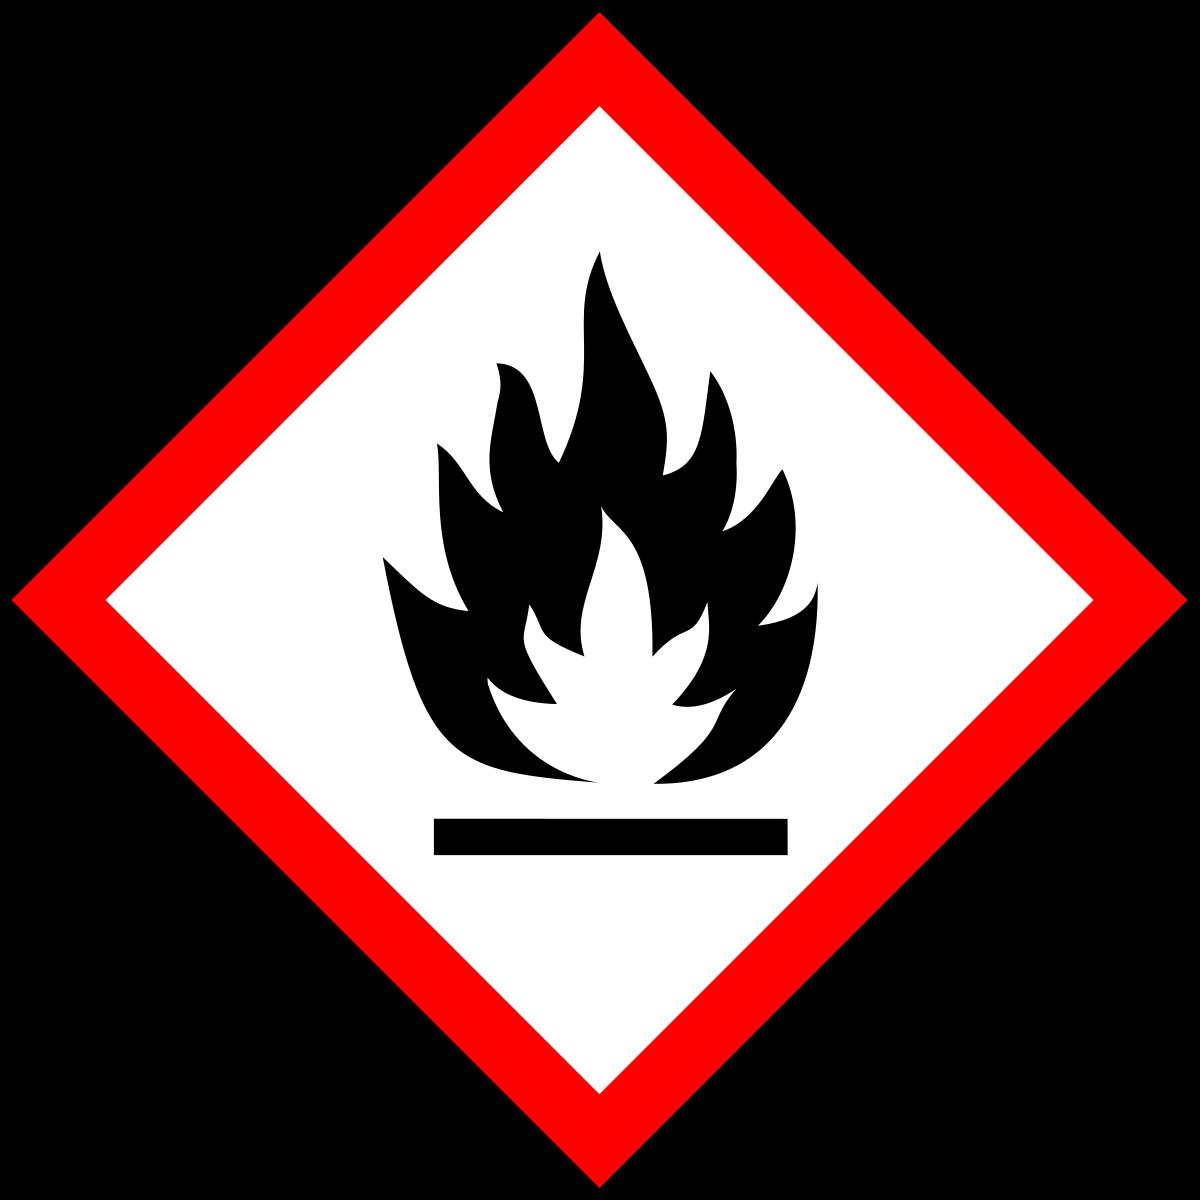 Flammable Logo